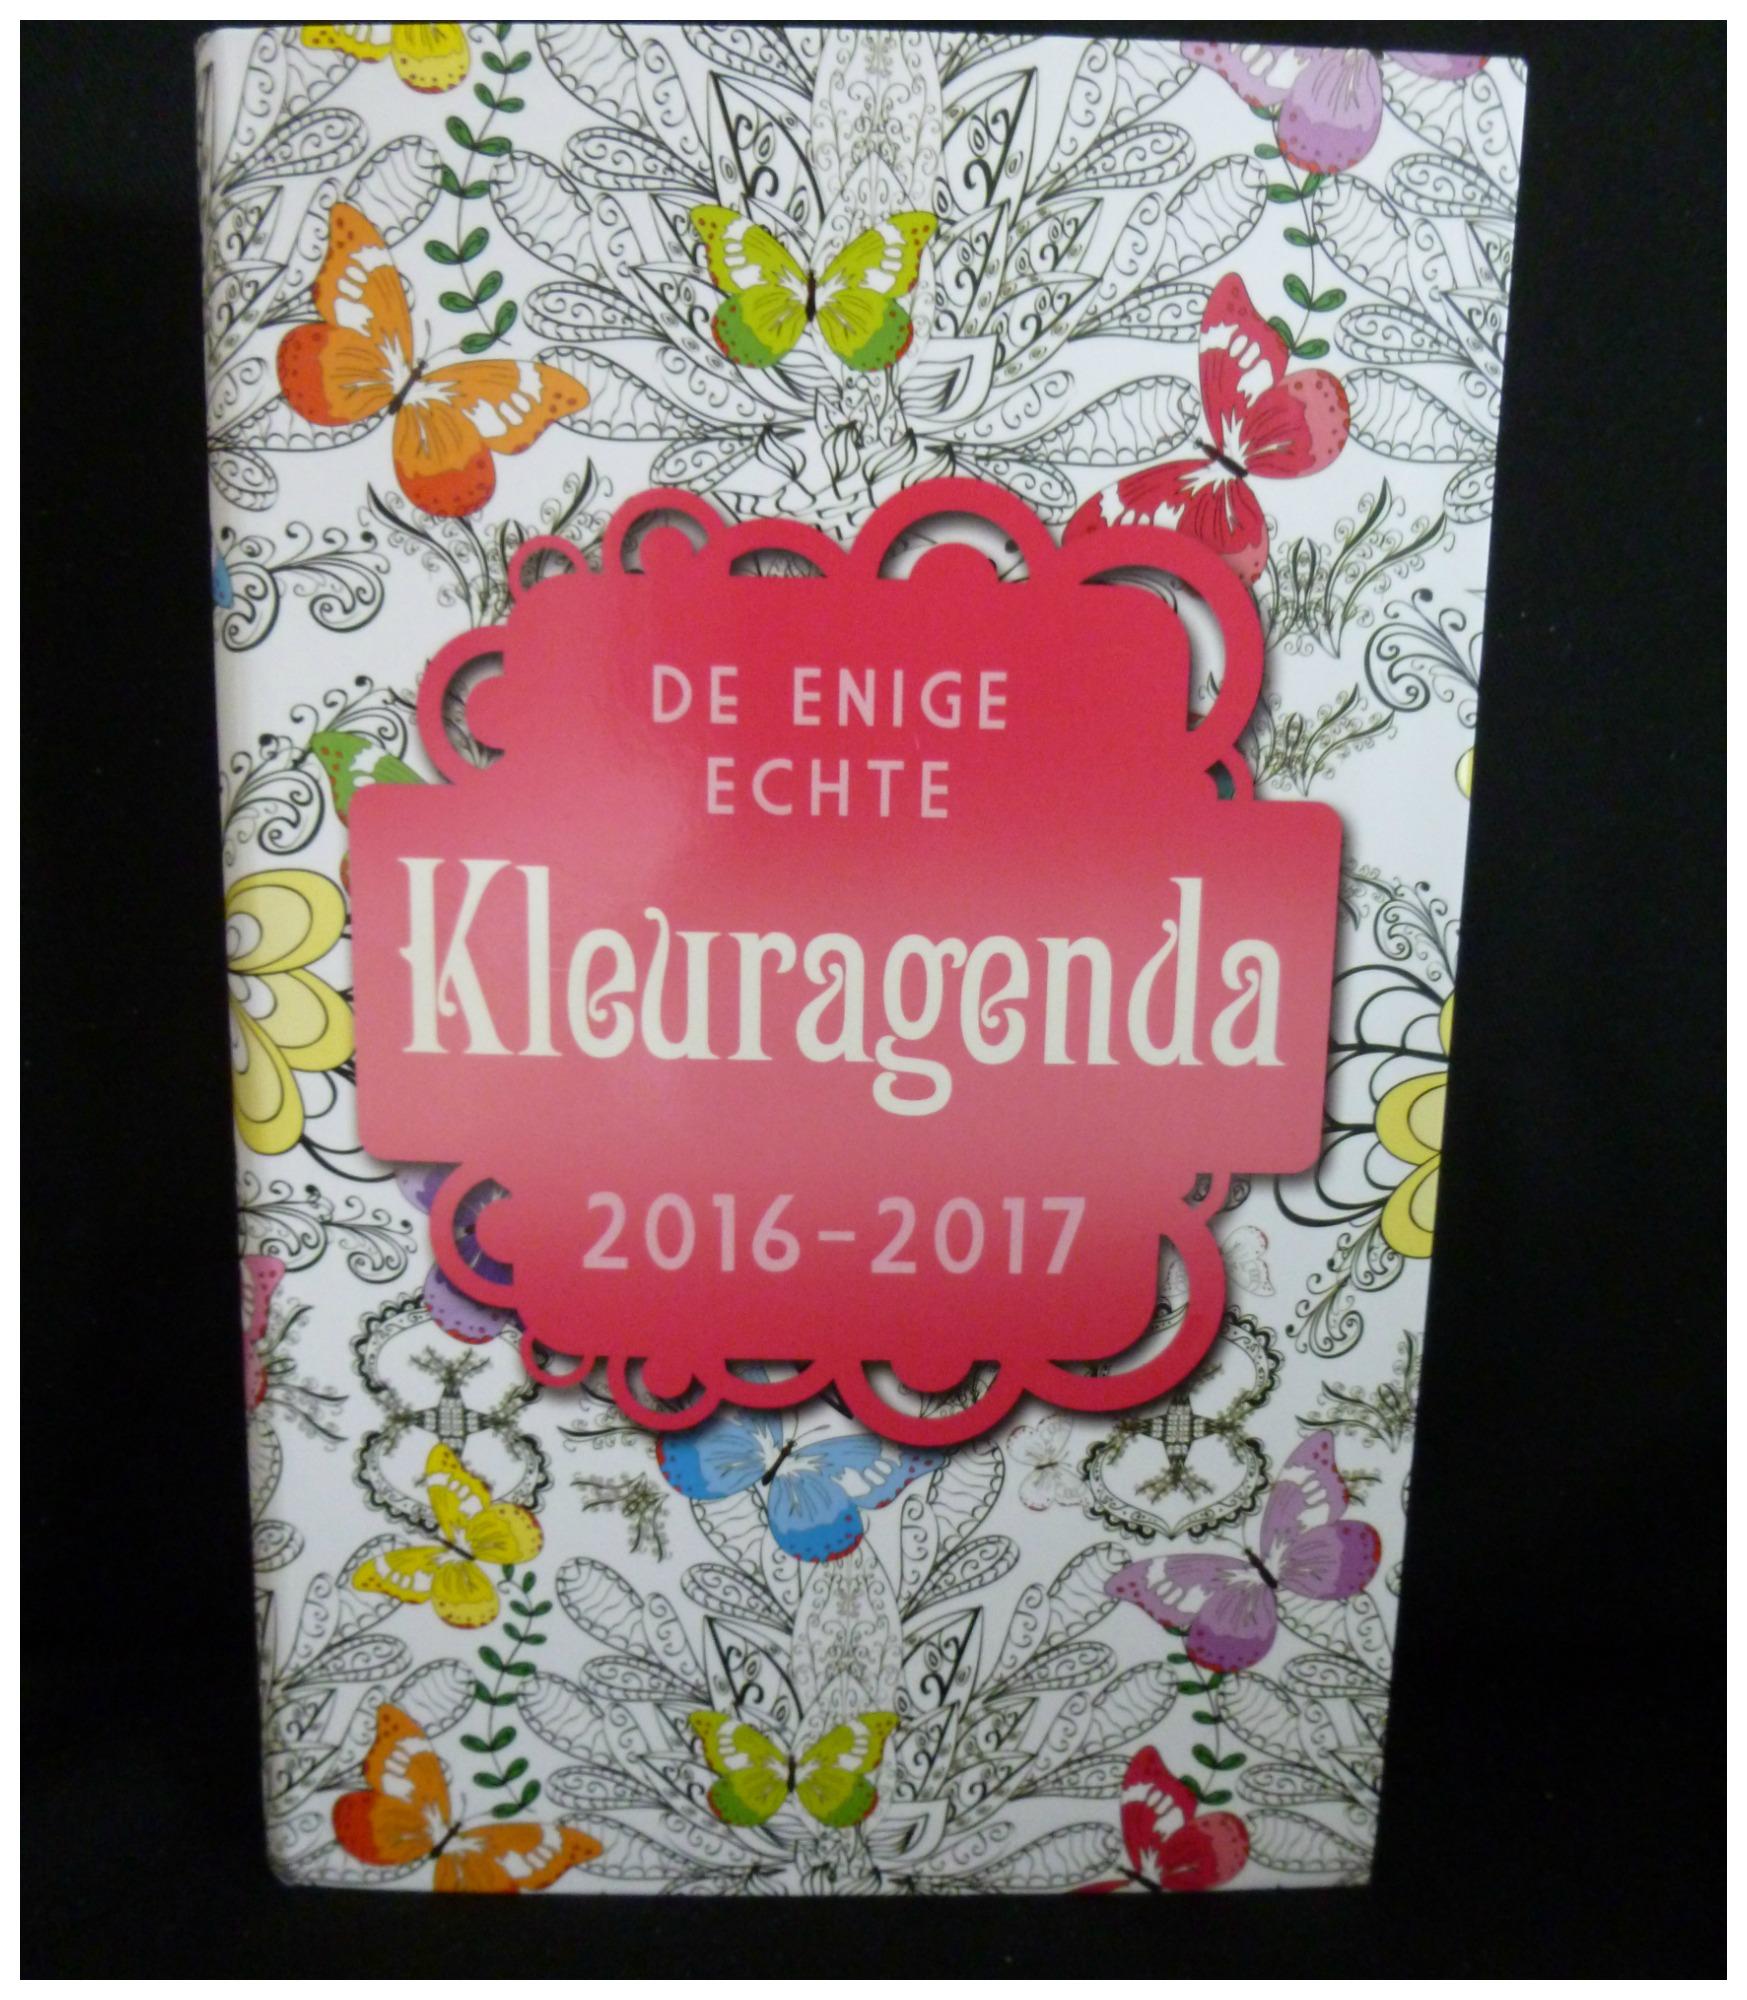 De Enige Echte Kleuragenda 2016 2017 Recensie